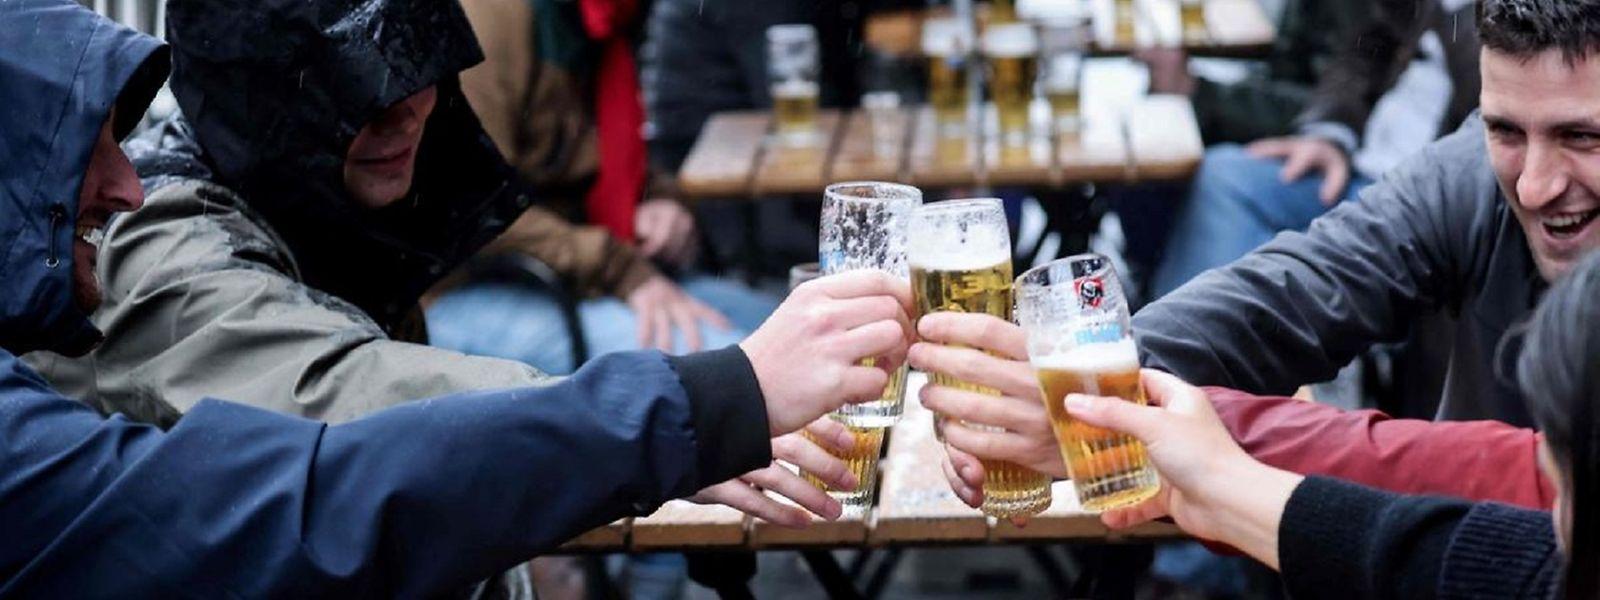 Samedi les Belges ont bravé la pluie pour savourer une bière en terrasse, après huit mois de fermeture.